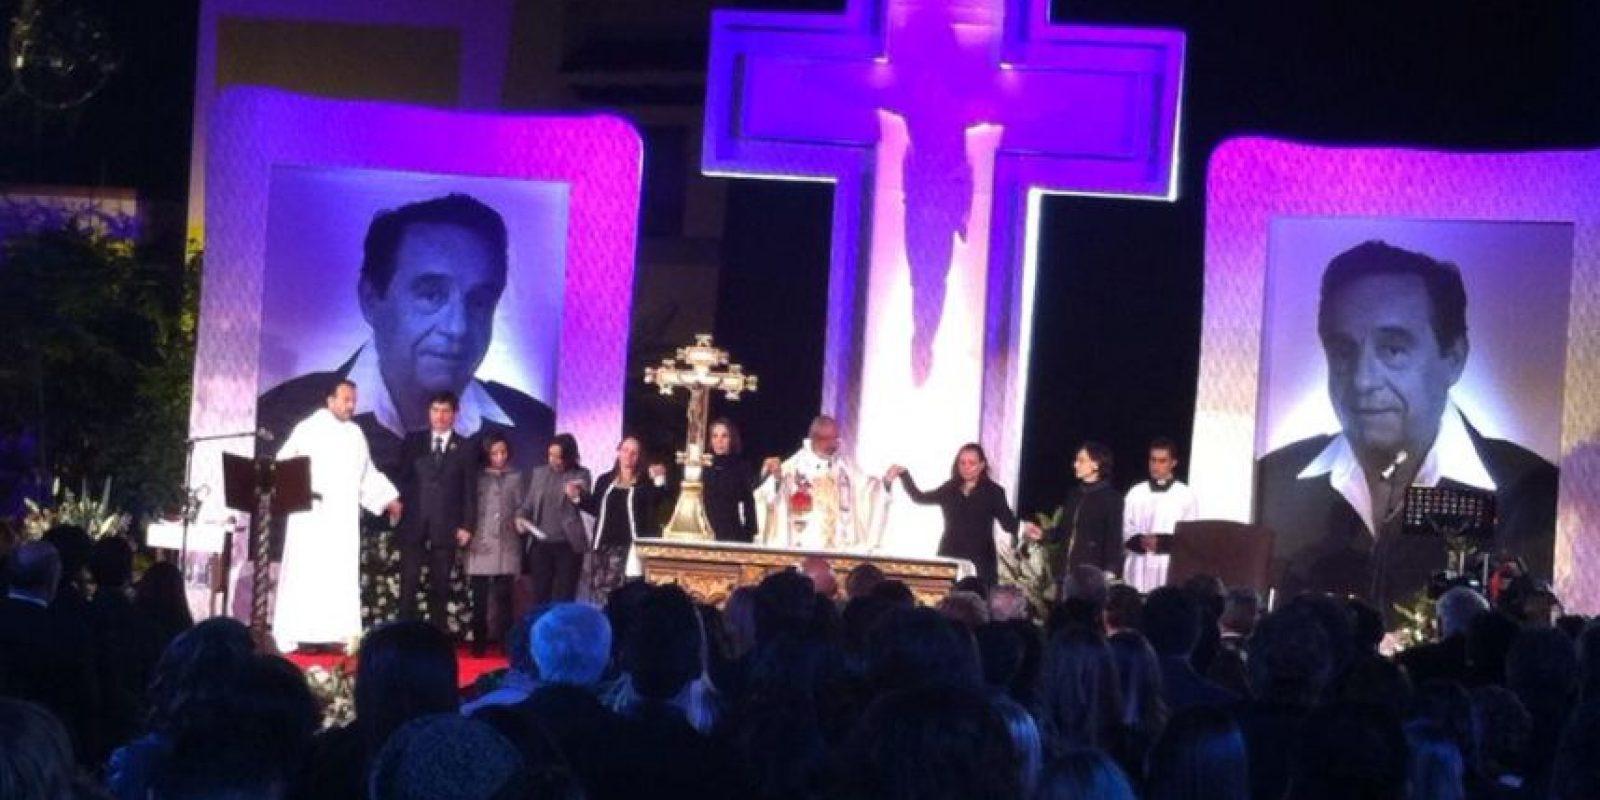 La familia Televisa dice adiós a Chespirito Foto:Facebook/Televisatelevisionmx